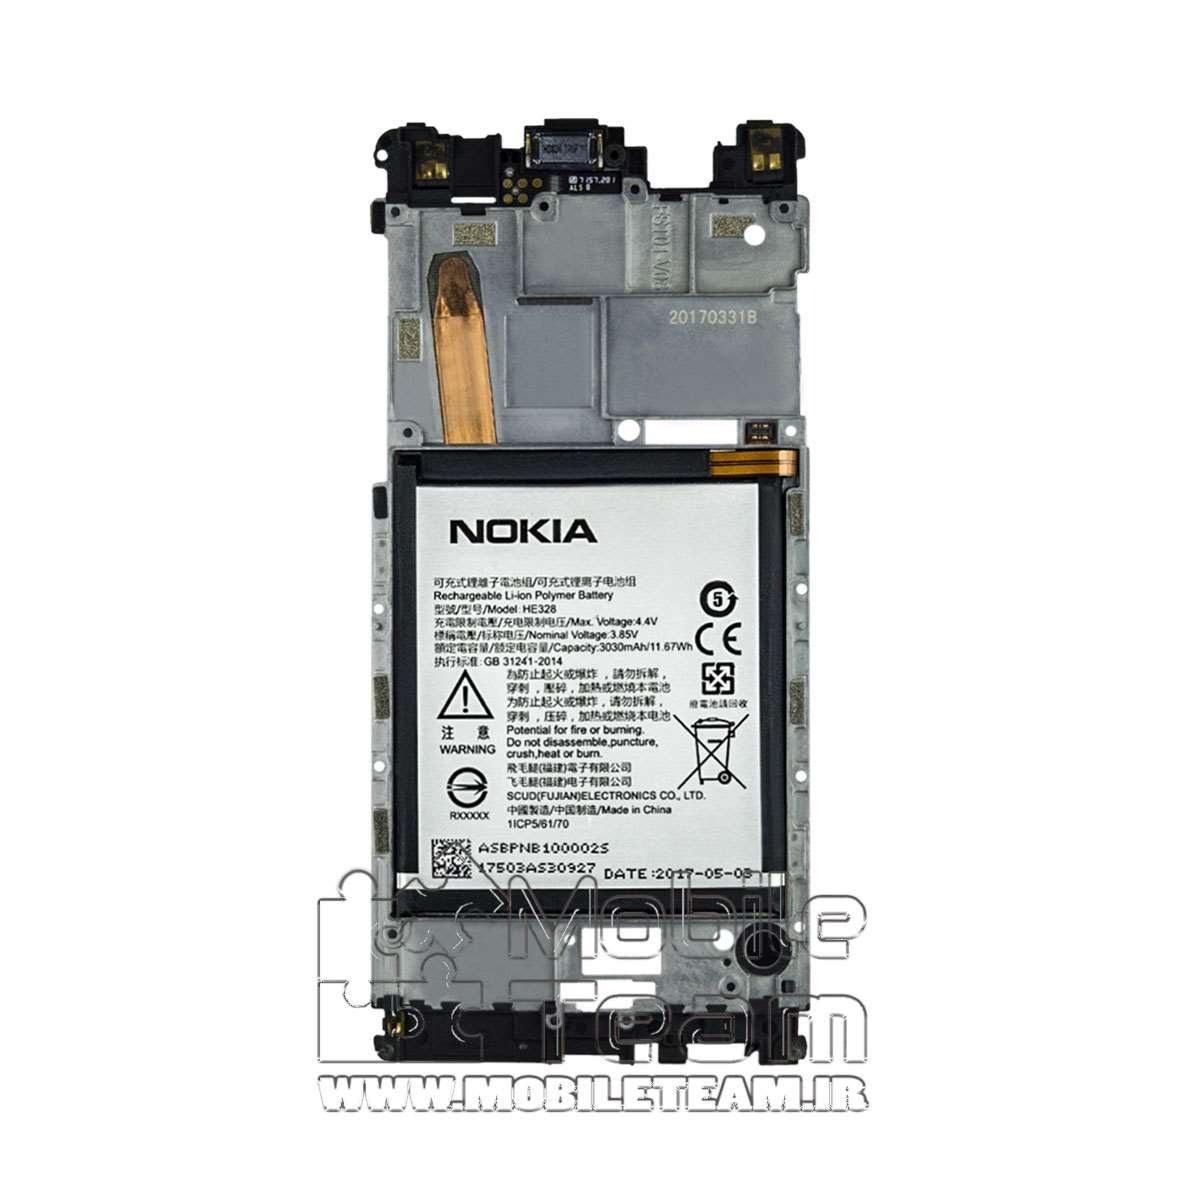 تصویر باتری موبایل مدل HE328 مناسب برای گوشی موبایل Nokia 8 HE328 Battery For Nokia 8